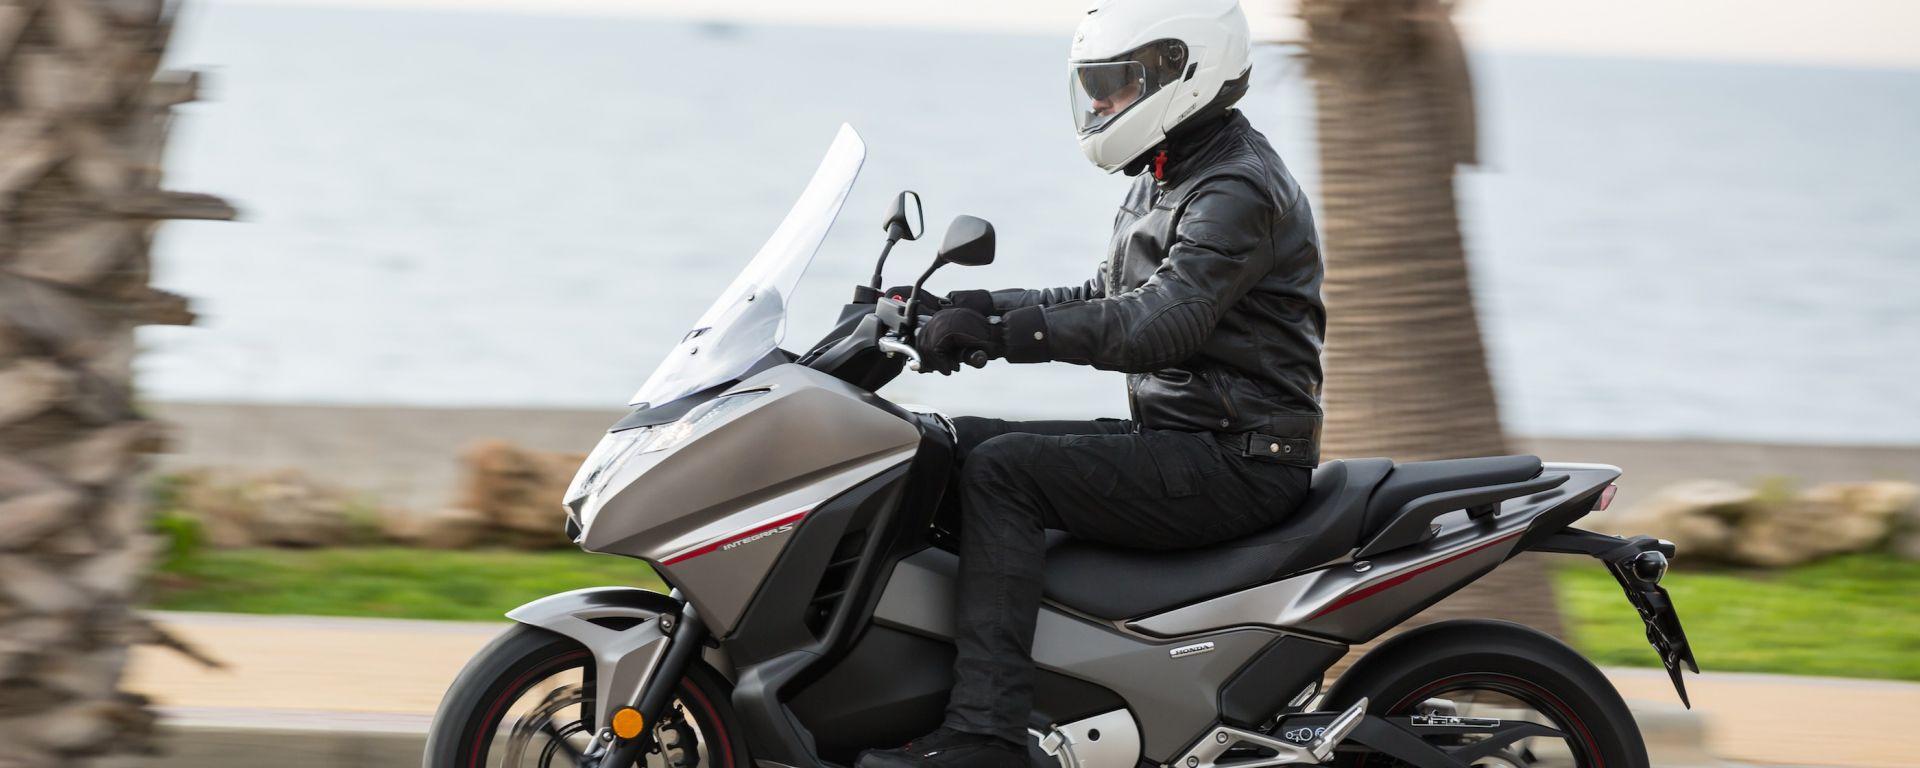 Honda Integra 750 S 2016